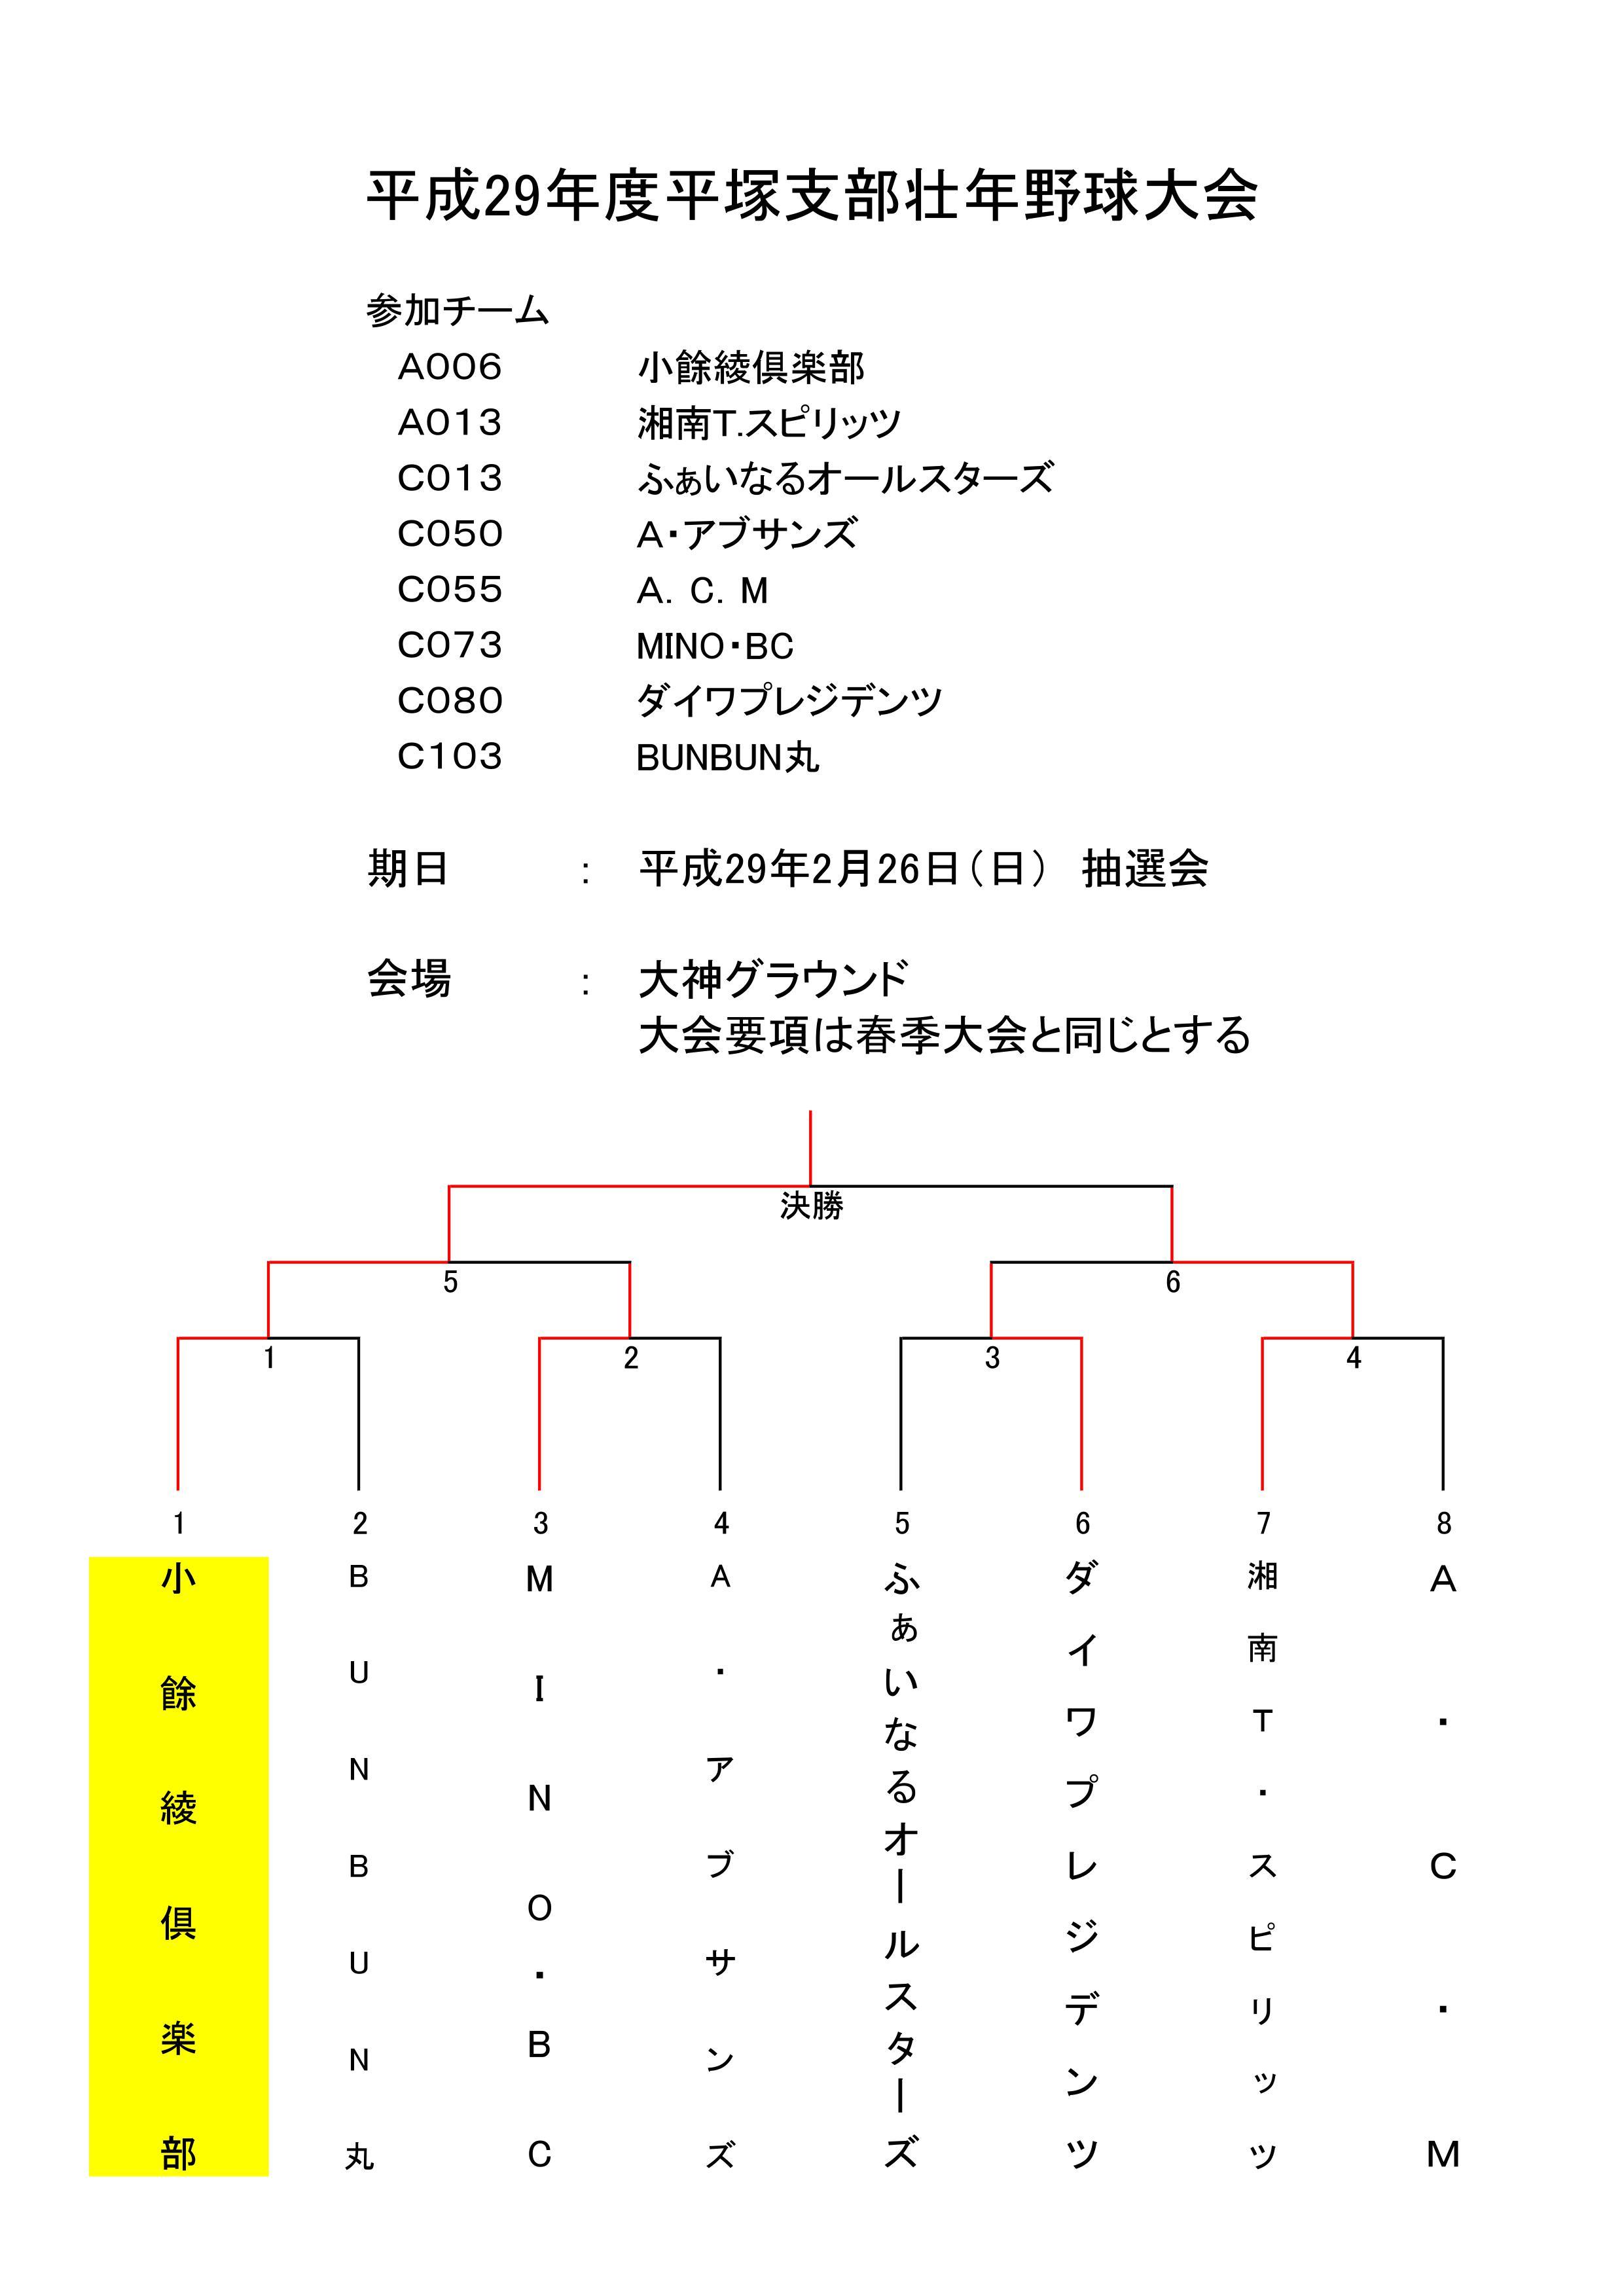 29年度壮年大会結果トーナメント表